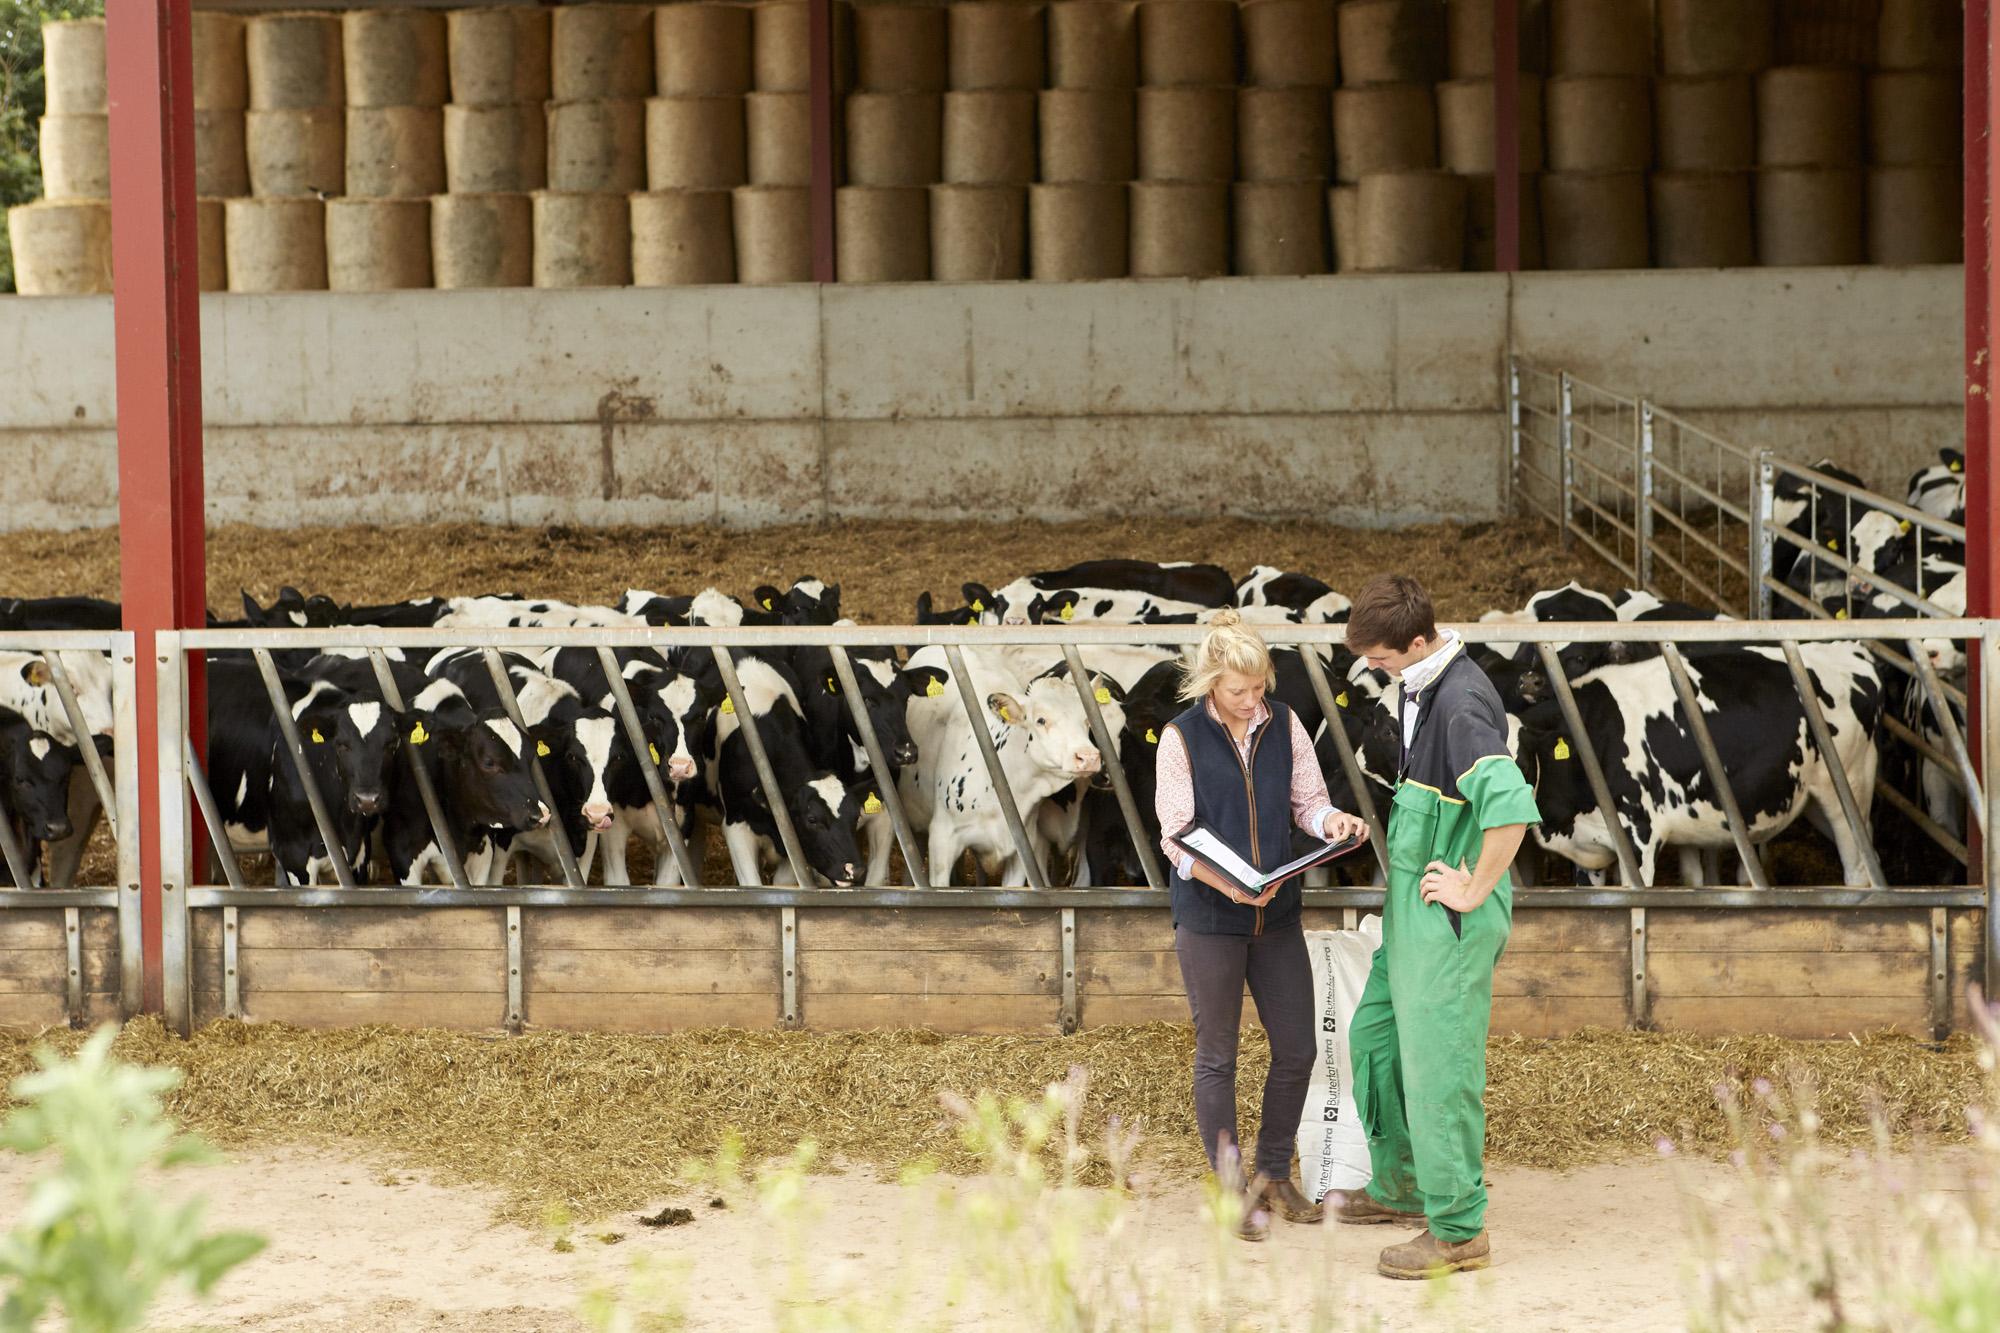 AGRICENTRE_QUANTOCK_FARM_019.jpg